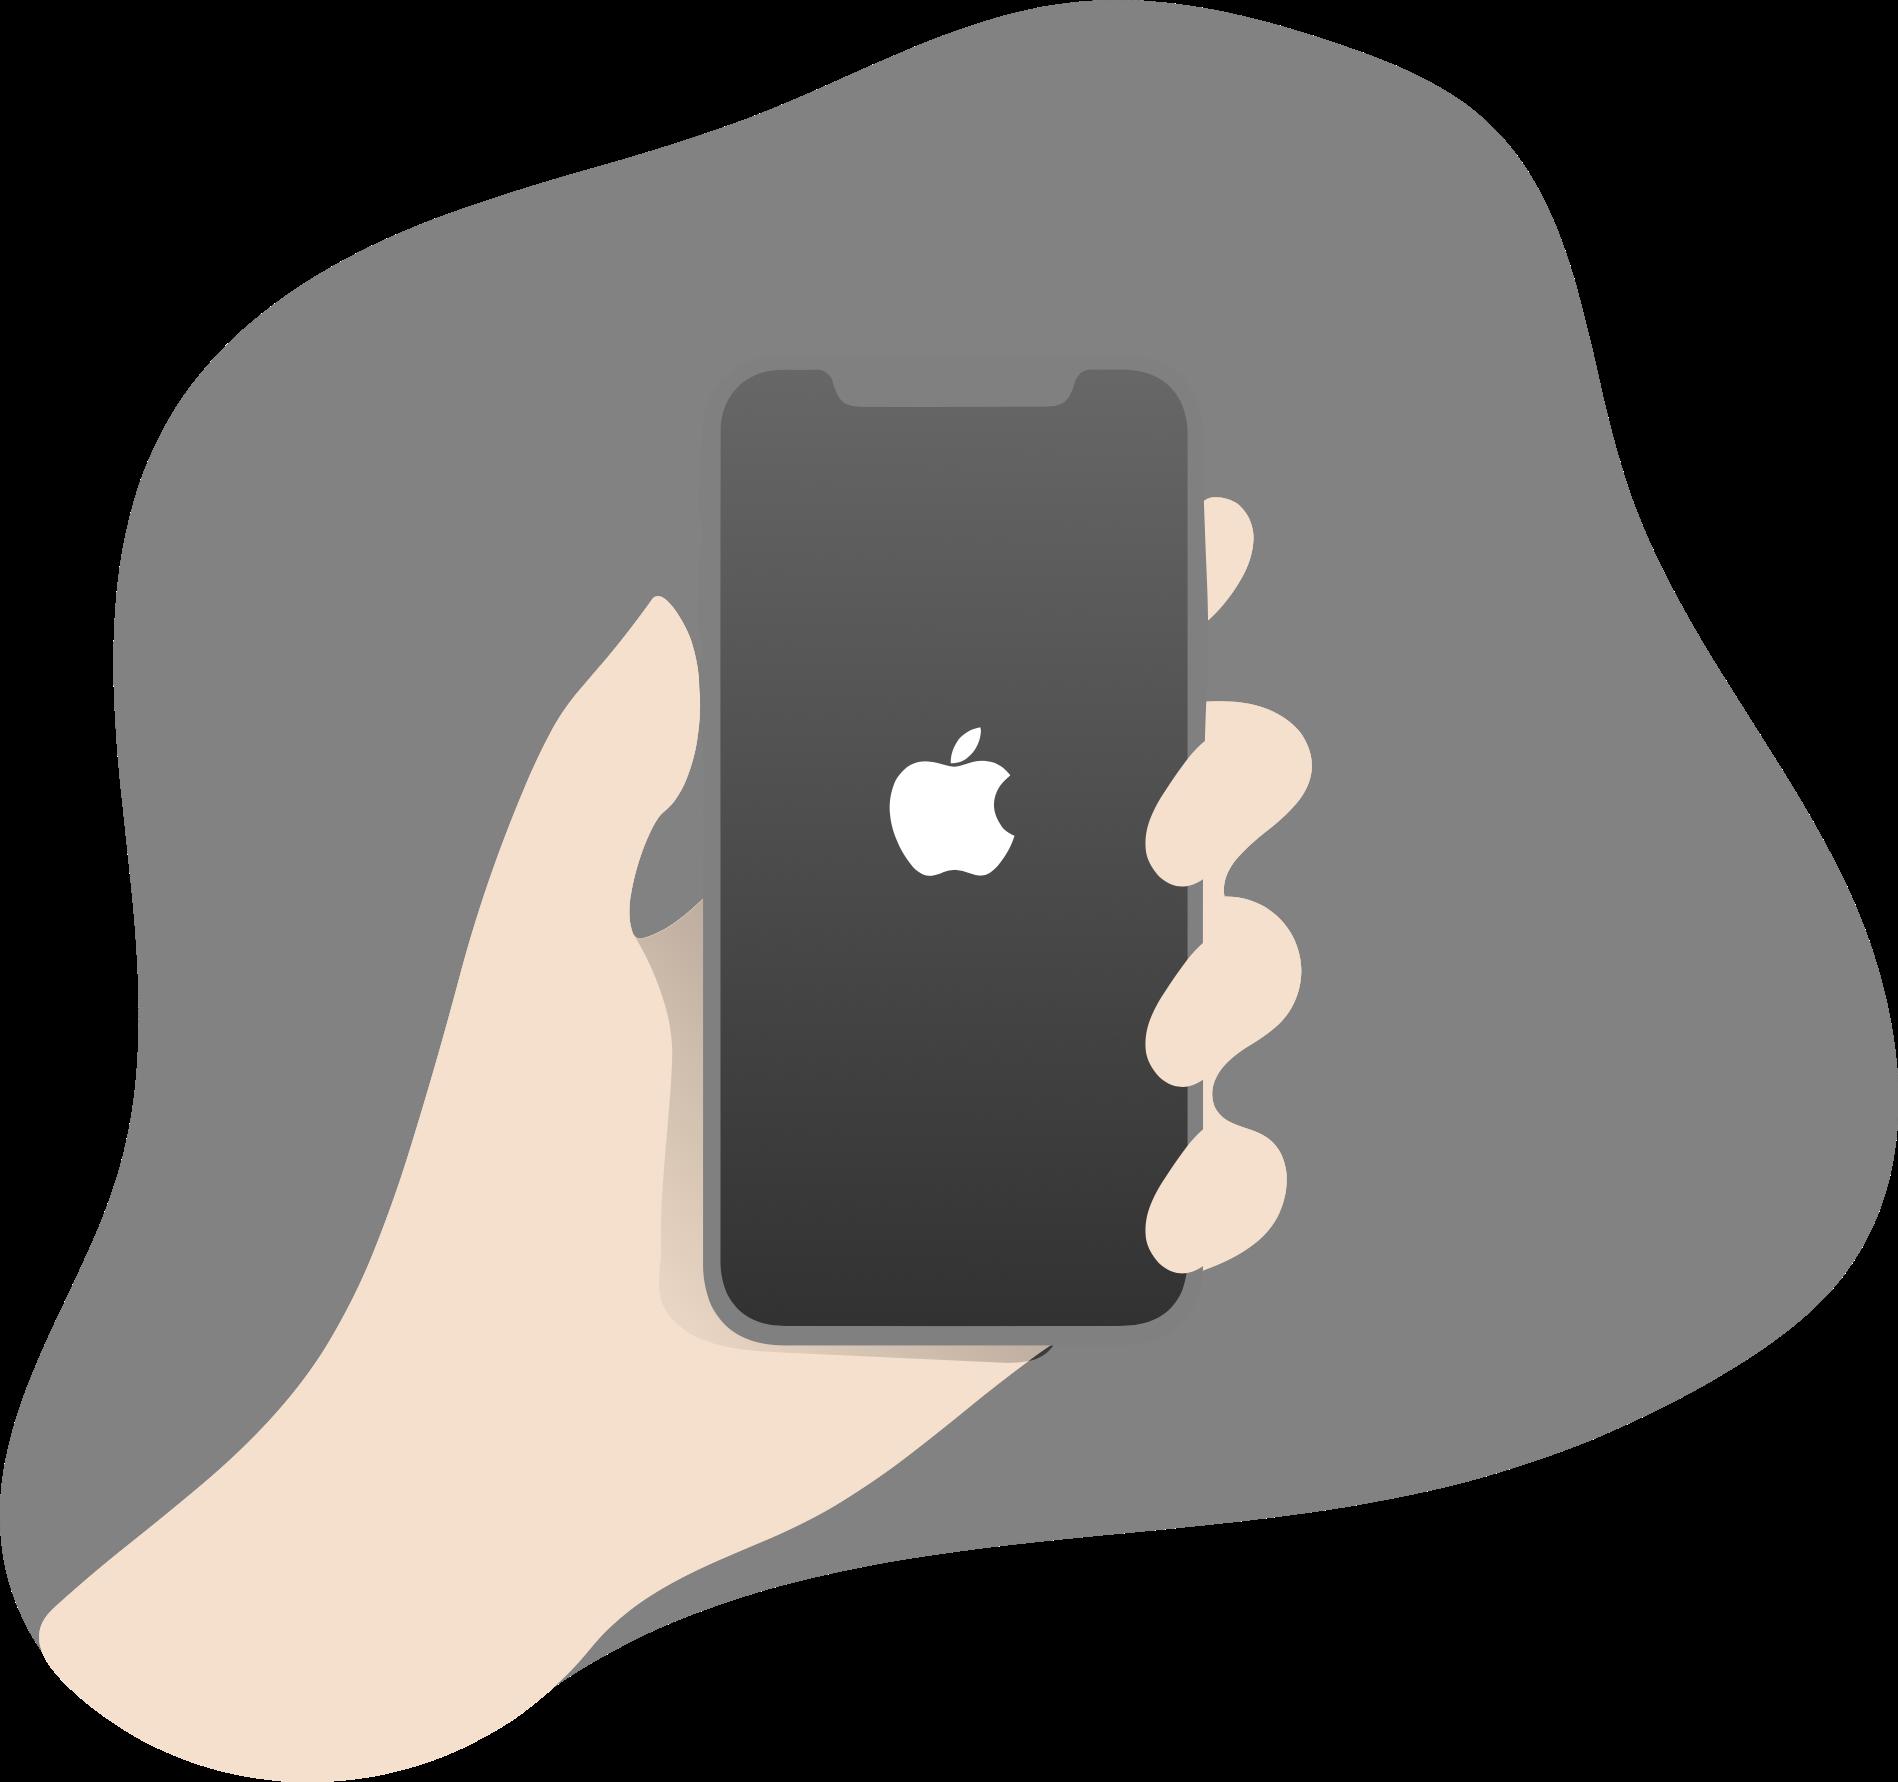 Gray iPhone illustration